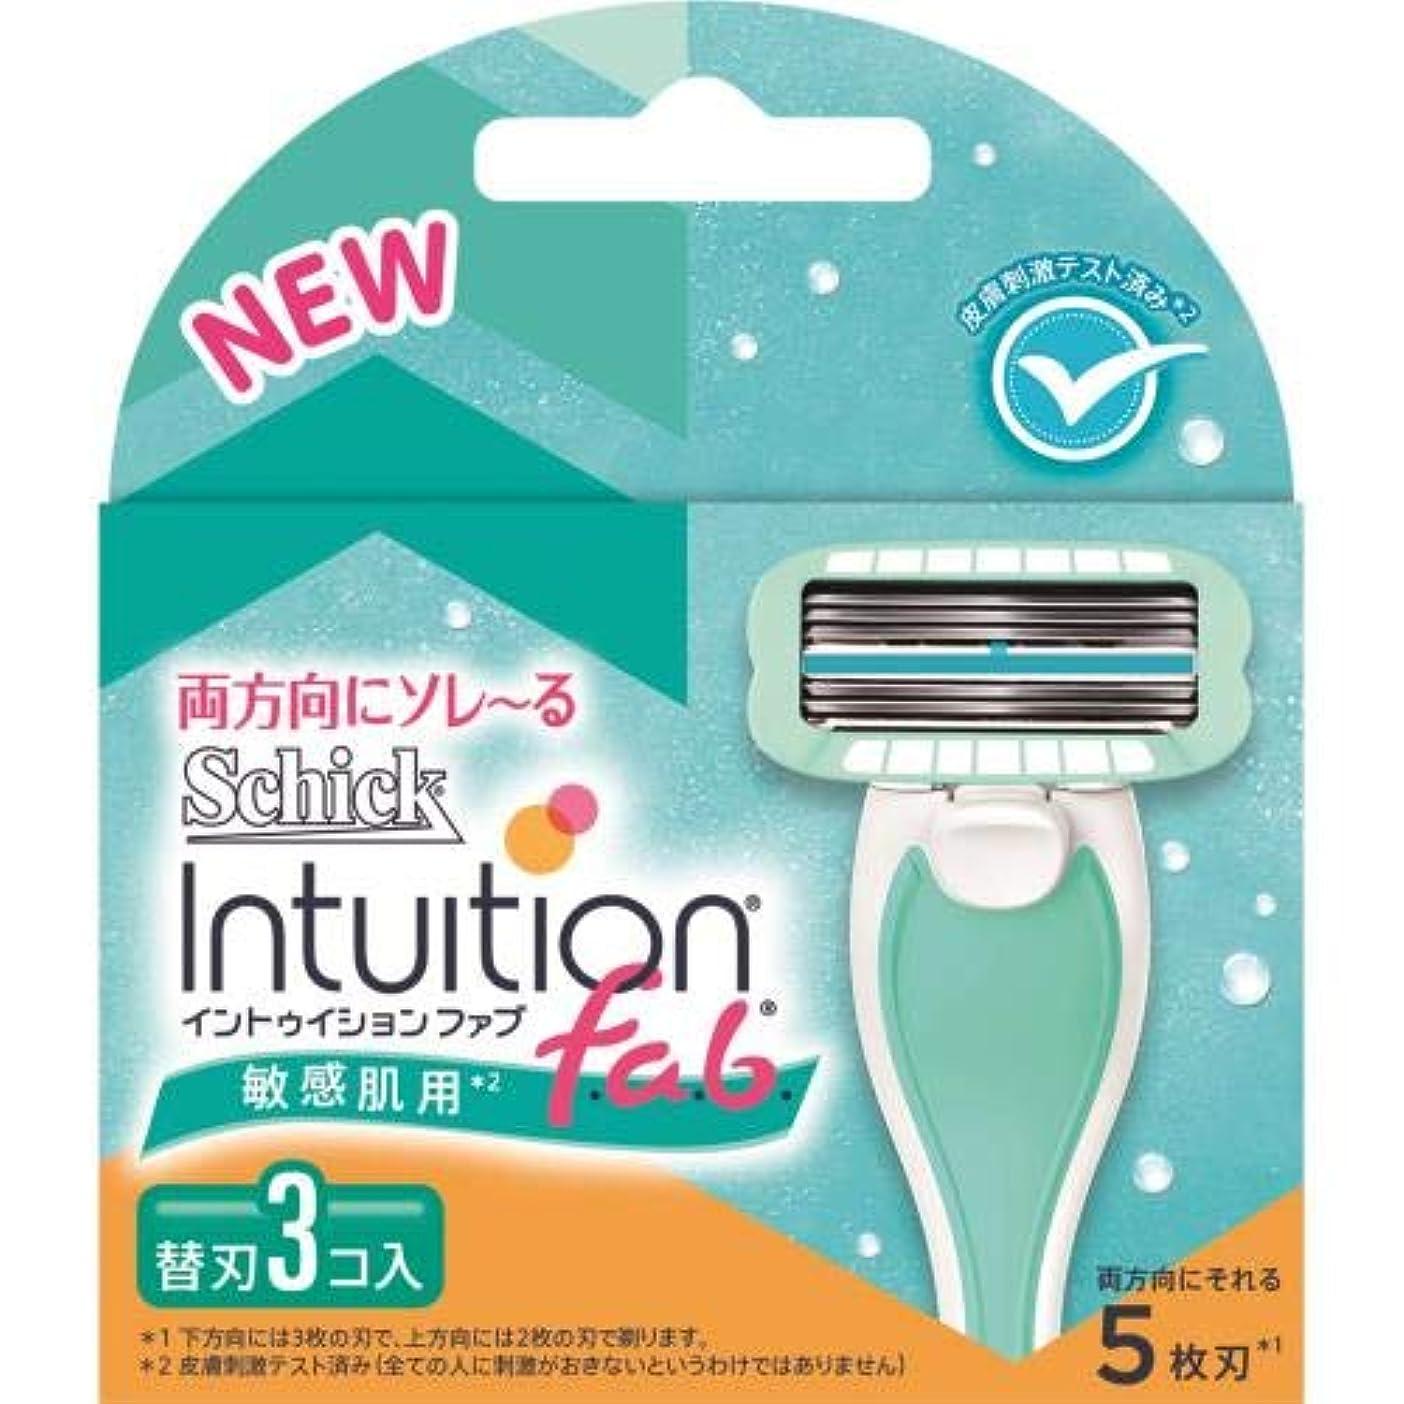 急速なエゴイズム楽観シック?ジャパン イントゥイション ファブ 替刃 敏感肌用 (3個入) 女性用カミソリ 4個セット